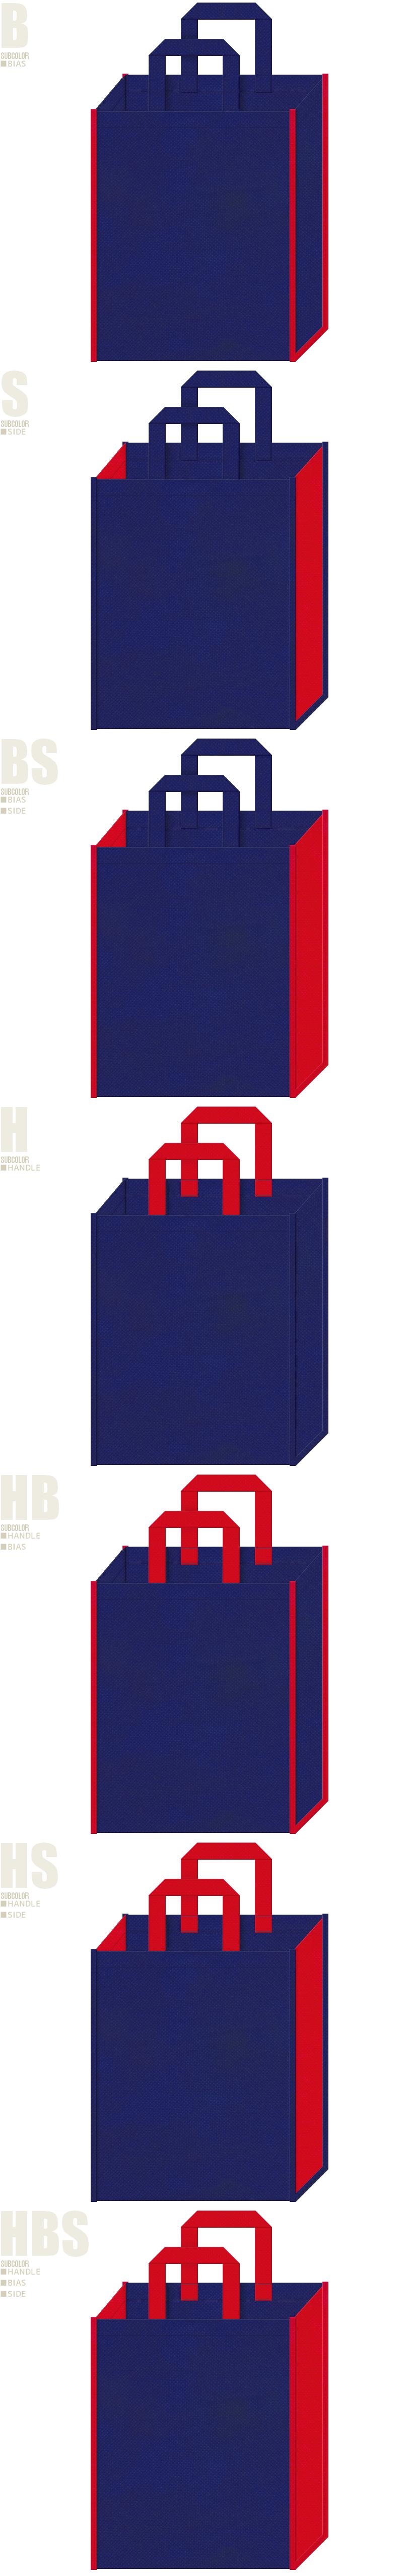 紺紫色と紅色-7パターンの不織布トートバッグ配色デザイン例